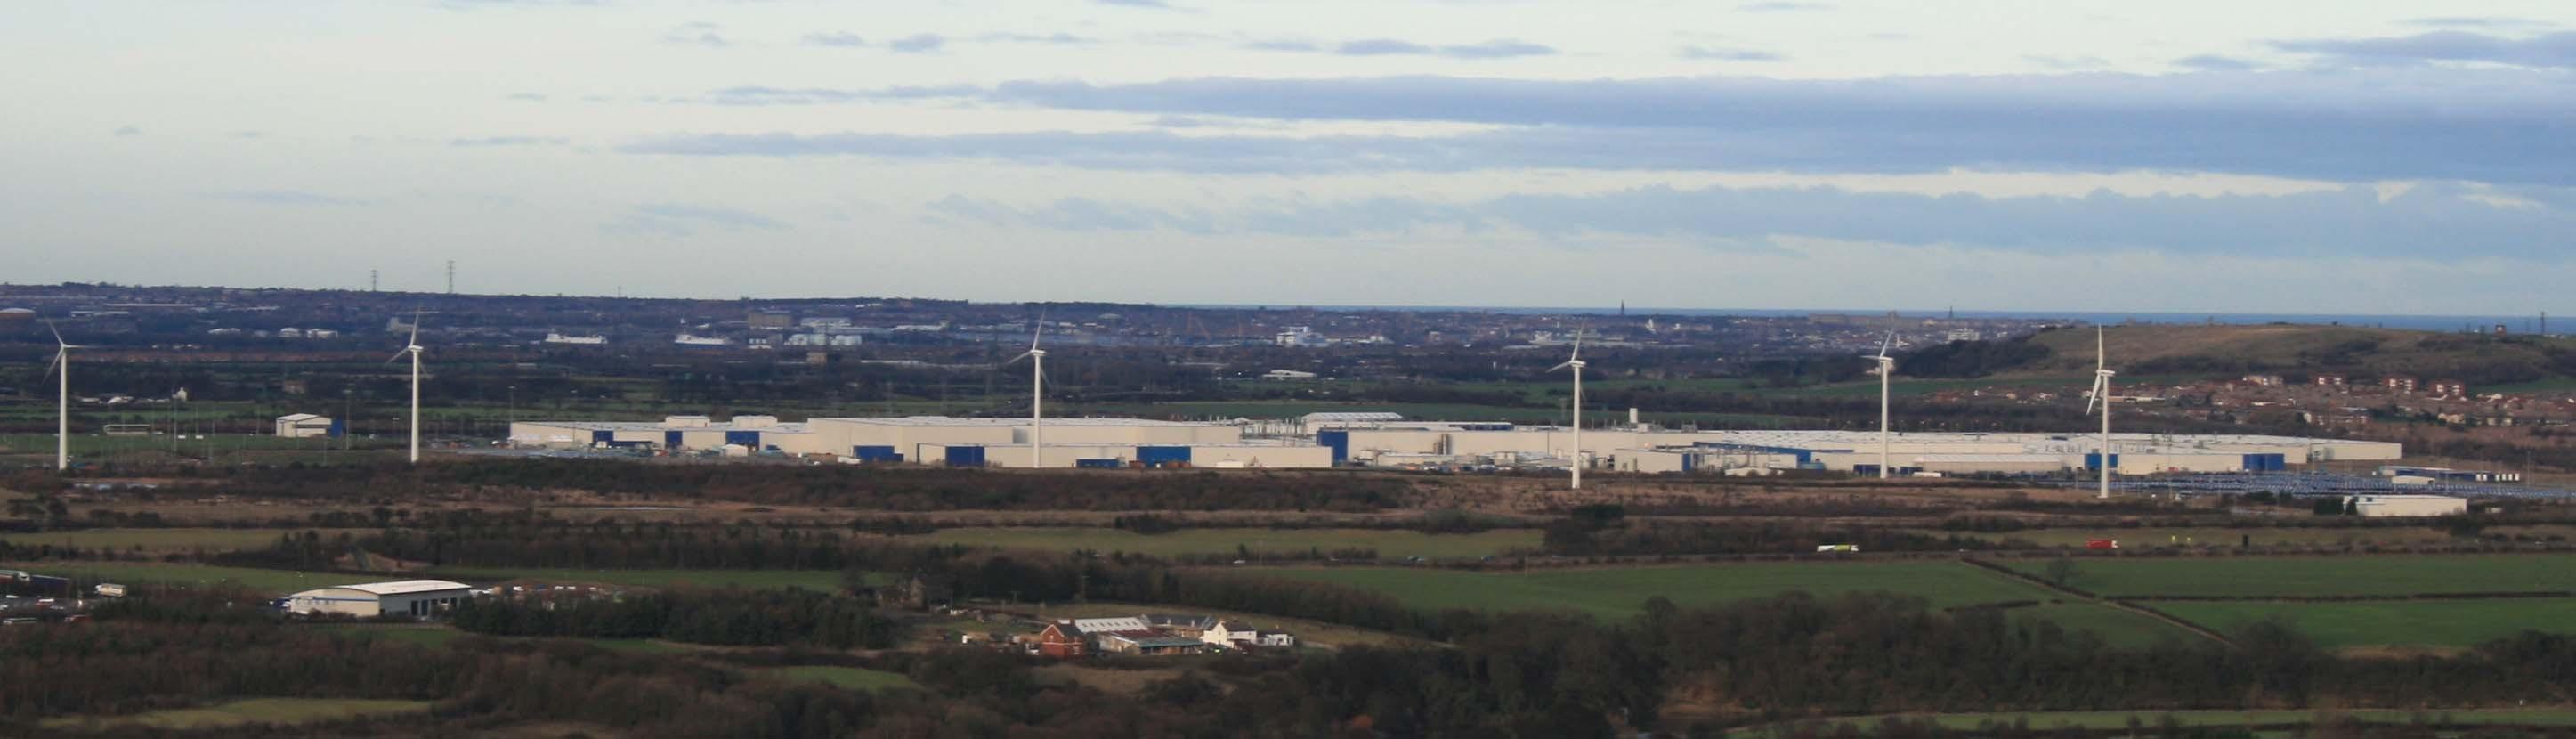 Завод Nissan в Сазерленде